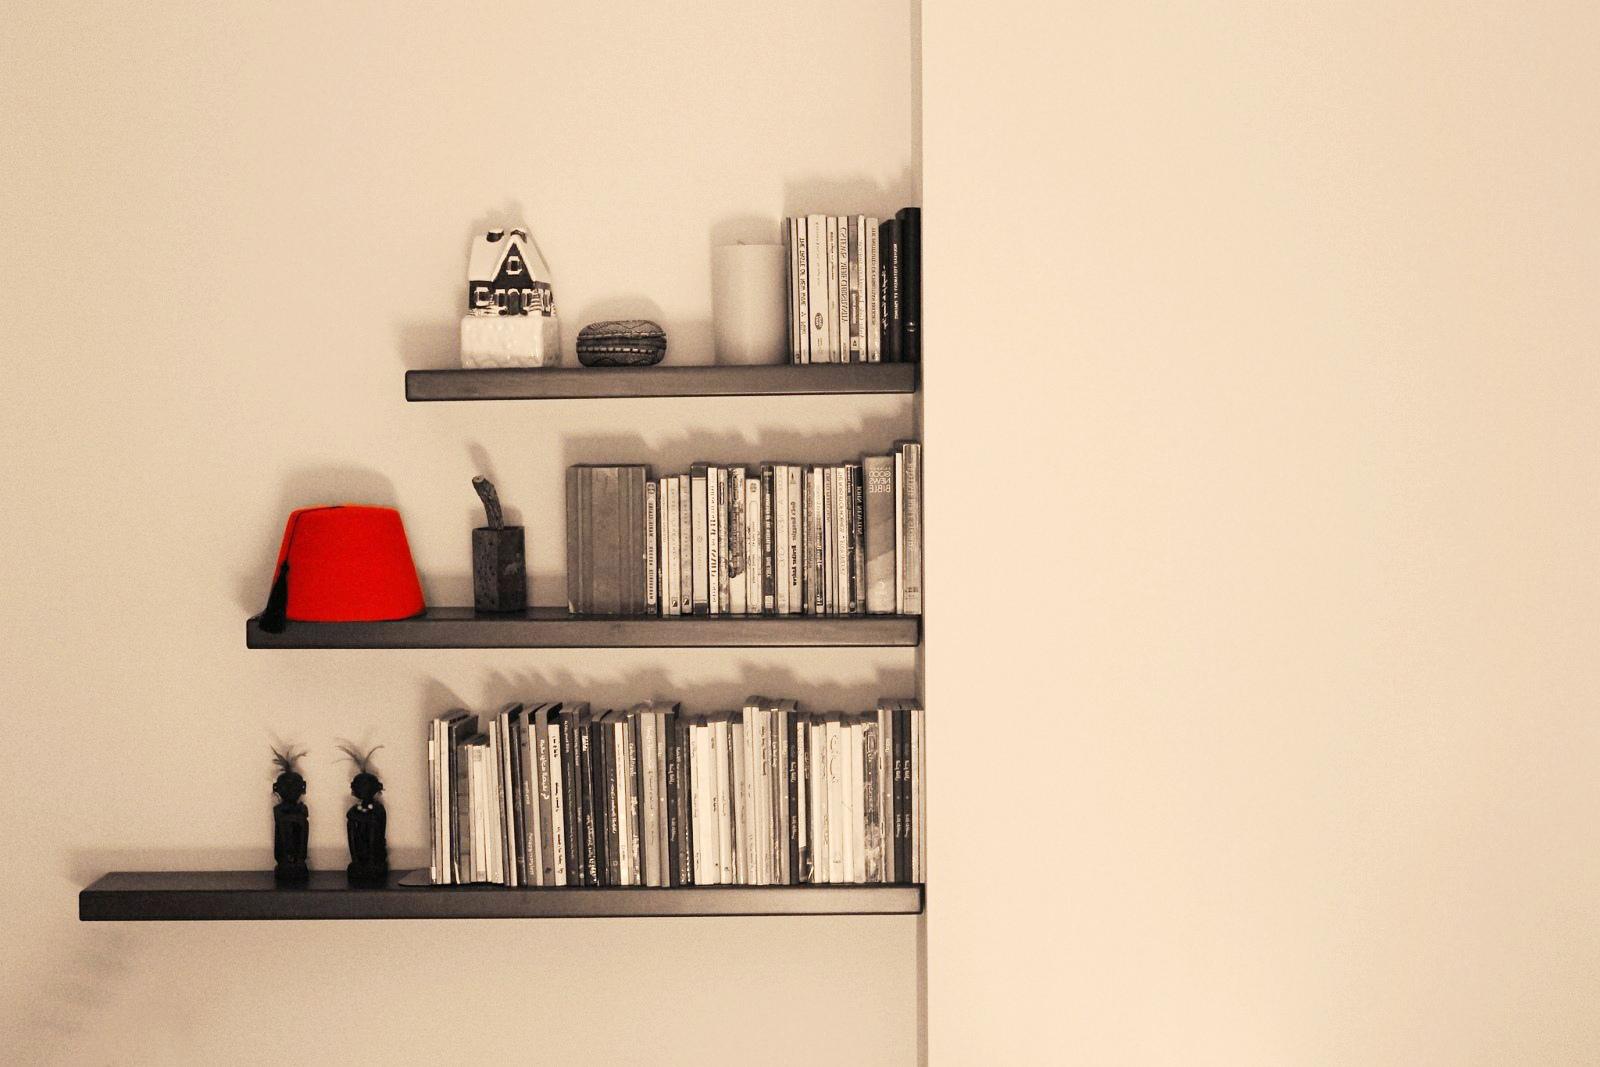 Photo via Books and Bookshelves